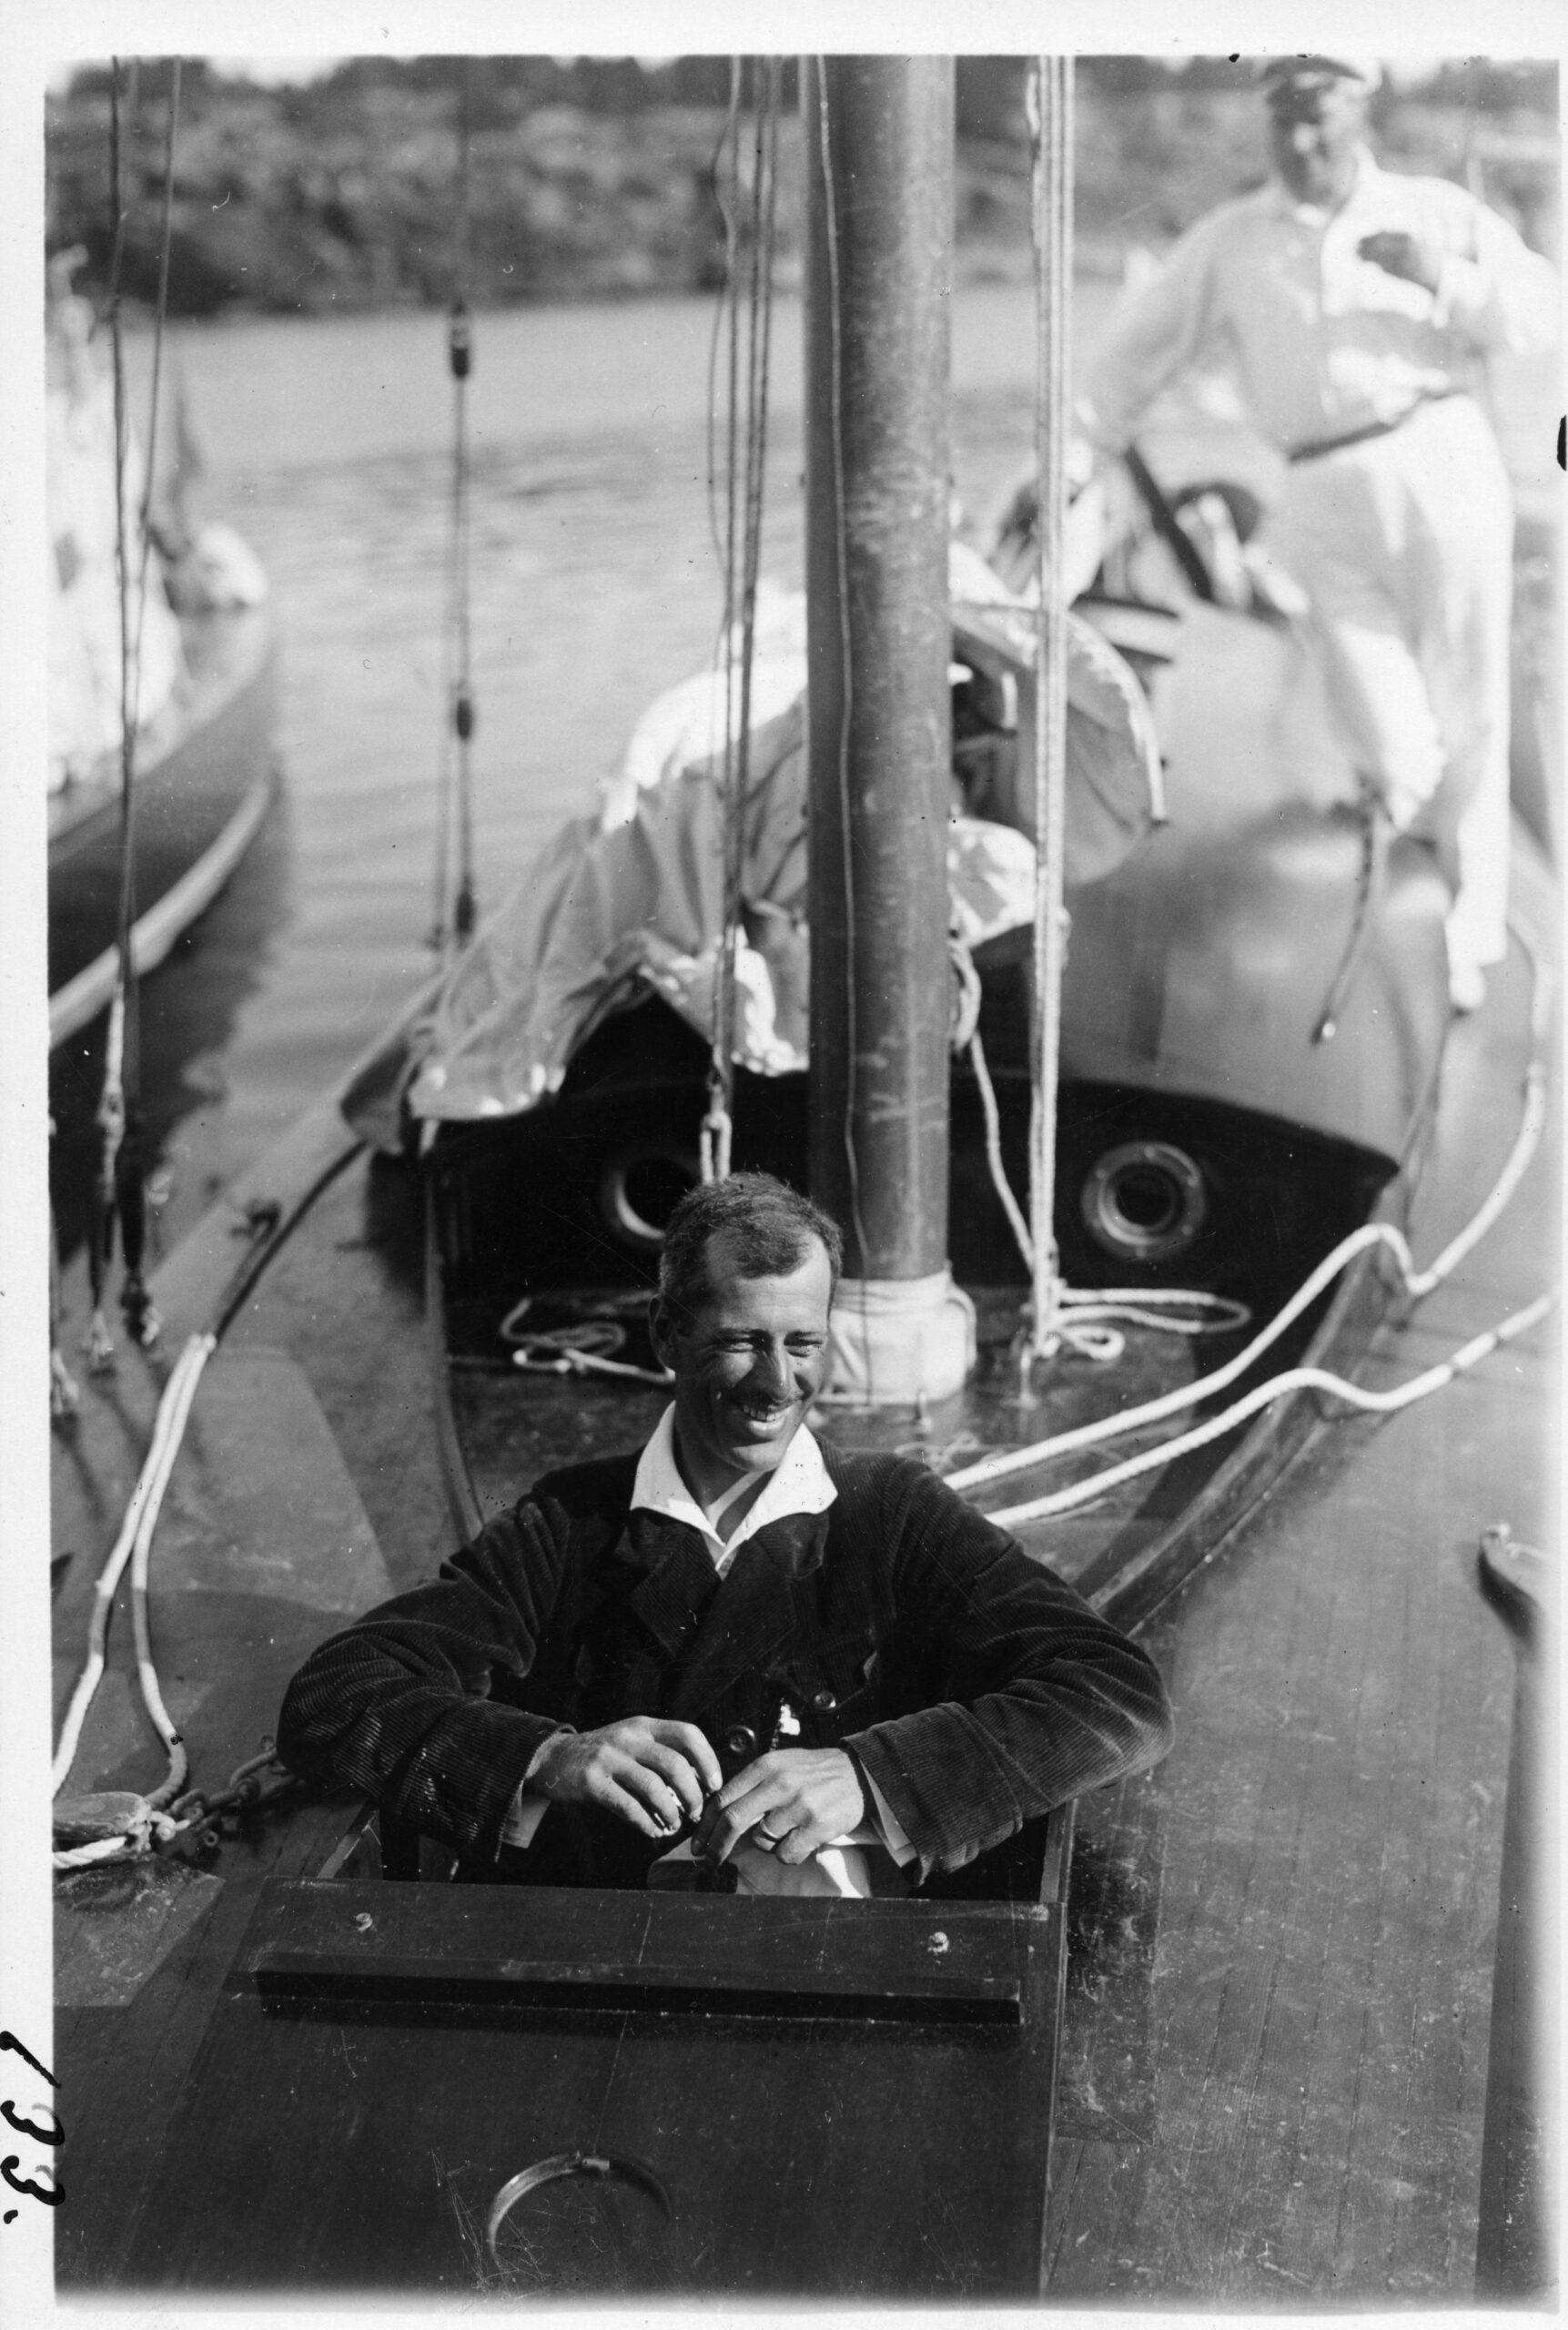 I förluckan Herr Yngve Pacius och i bakgrunden Karl Edvard Jonsson vid Sandhamnsregattan 1922. Foto ©SCIF